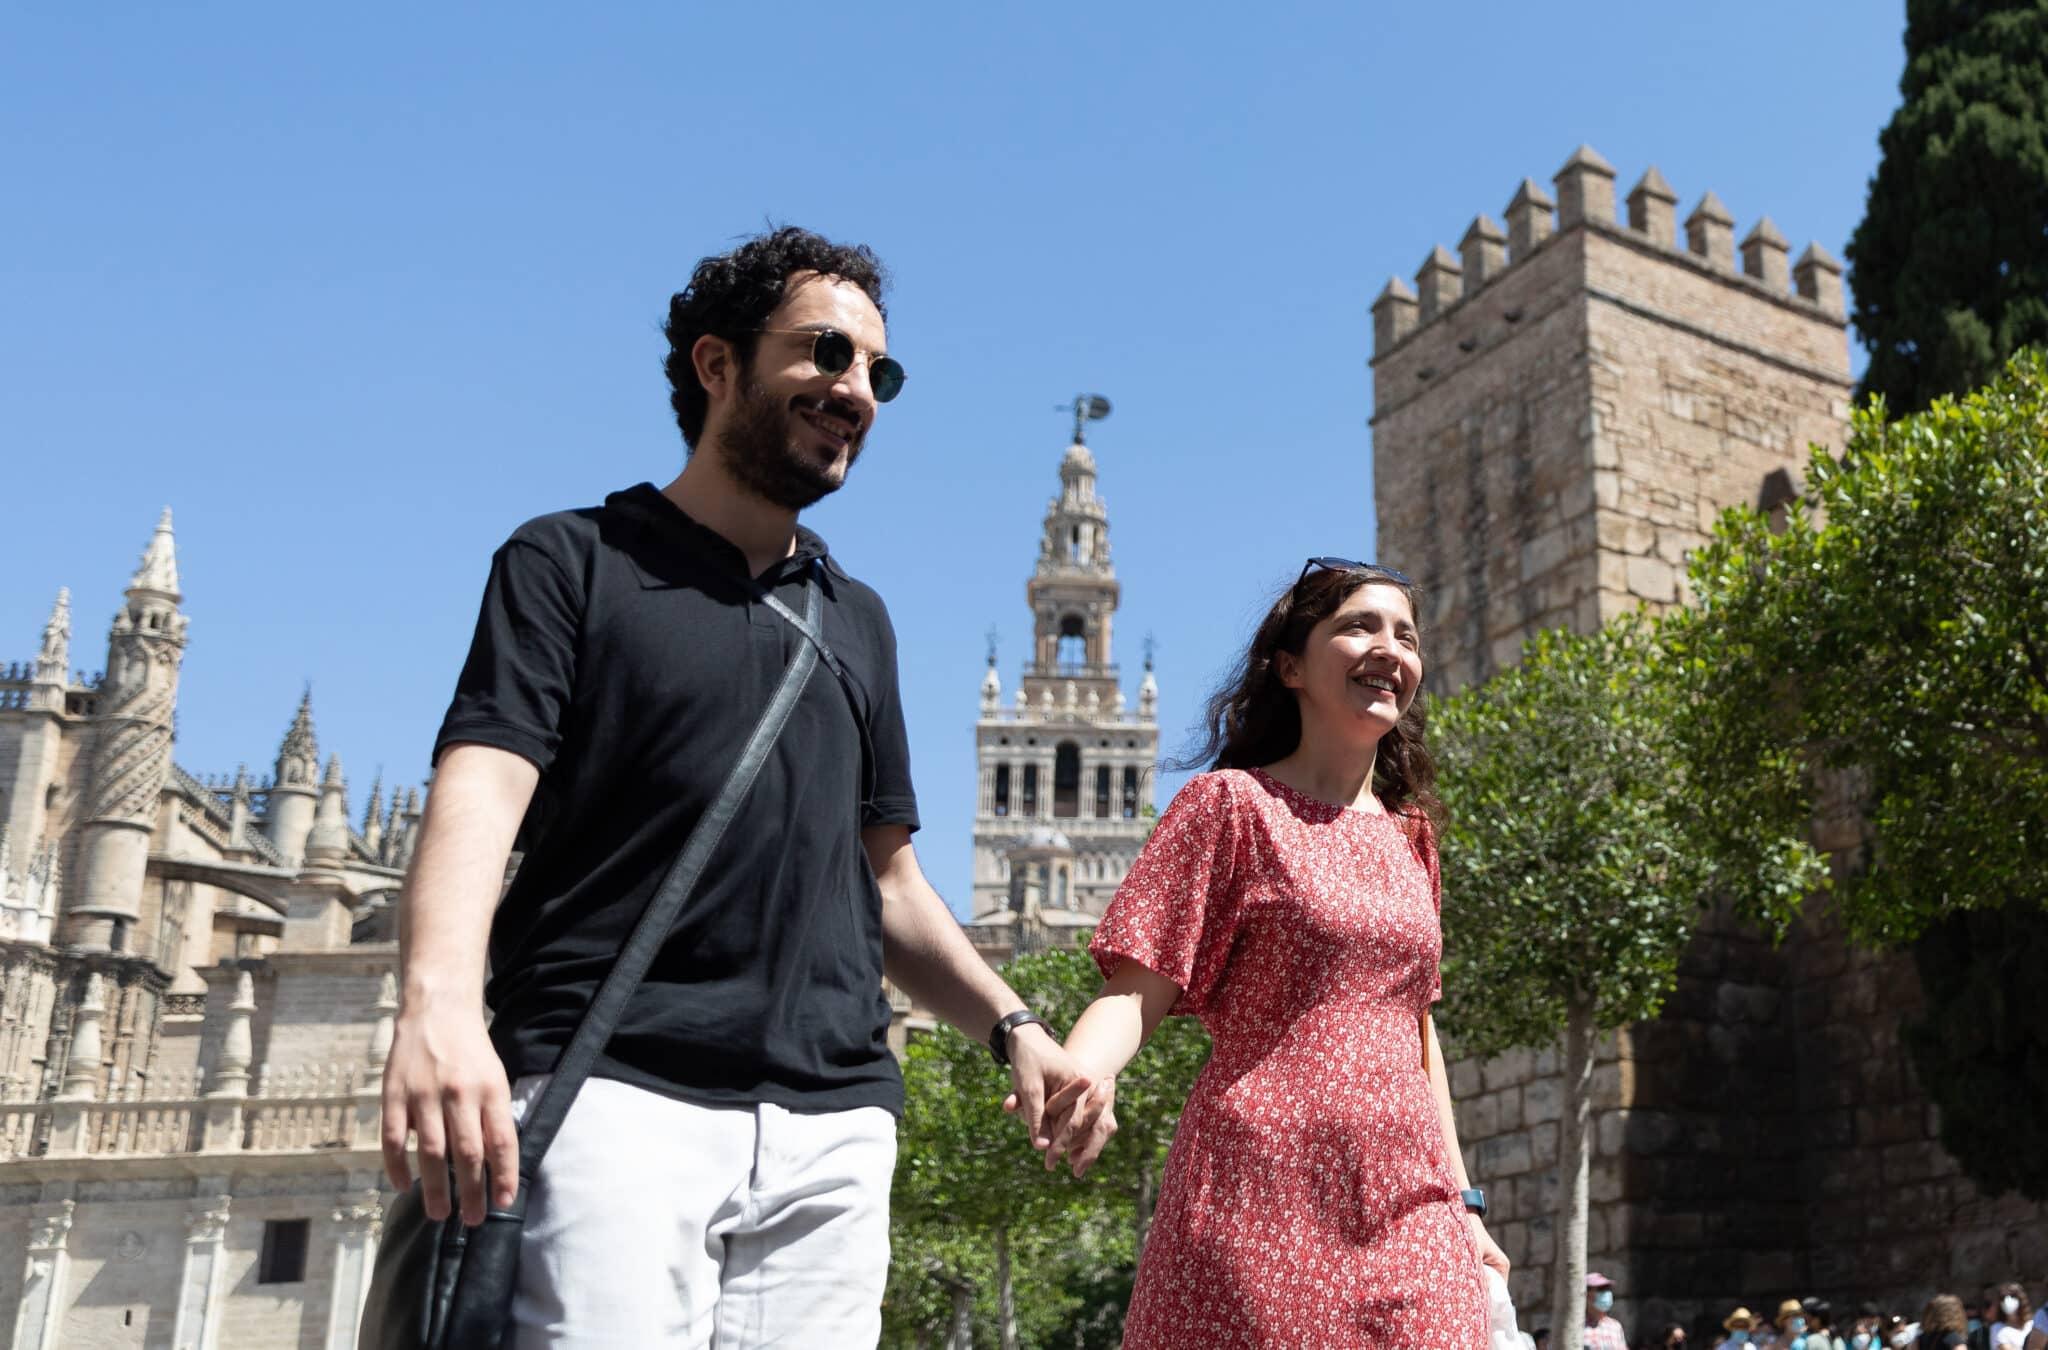 Una pareja sin mascarilla pasean por el entorno de la Catedral durante el primer día en el que no es obligado el uso de la mascarilla en exteriores desde el inicio de la pandemia.